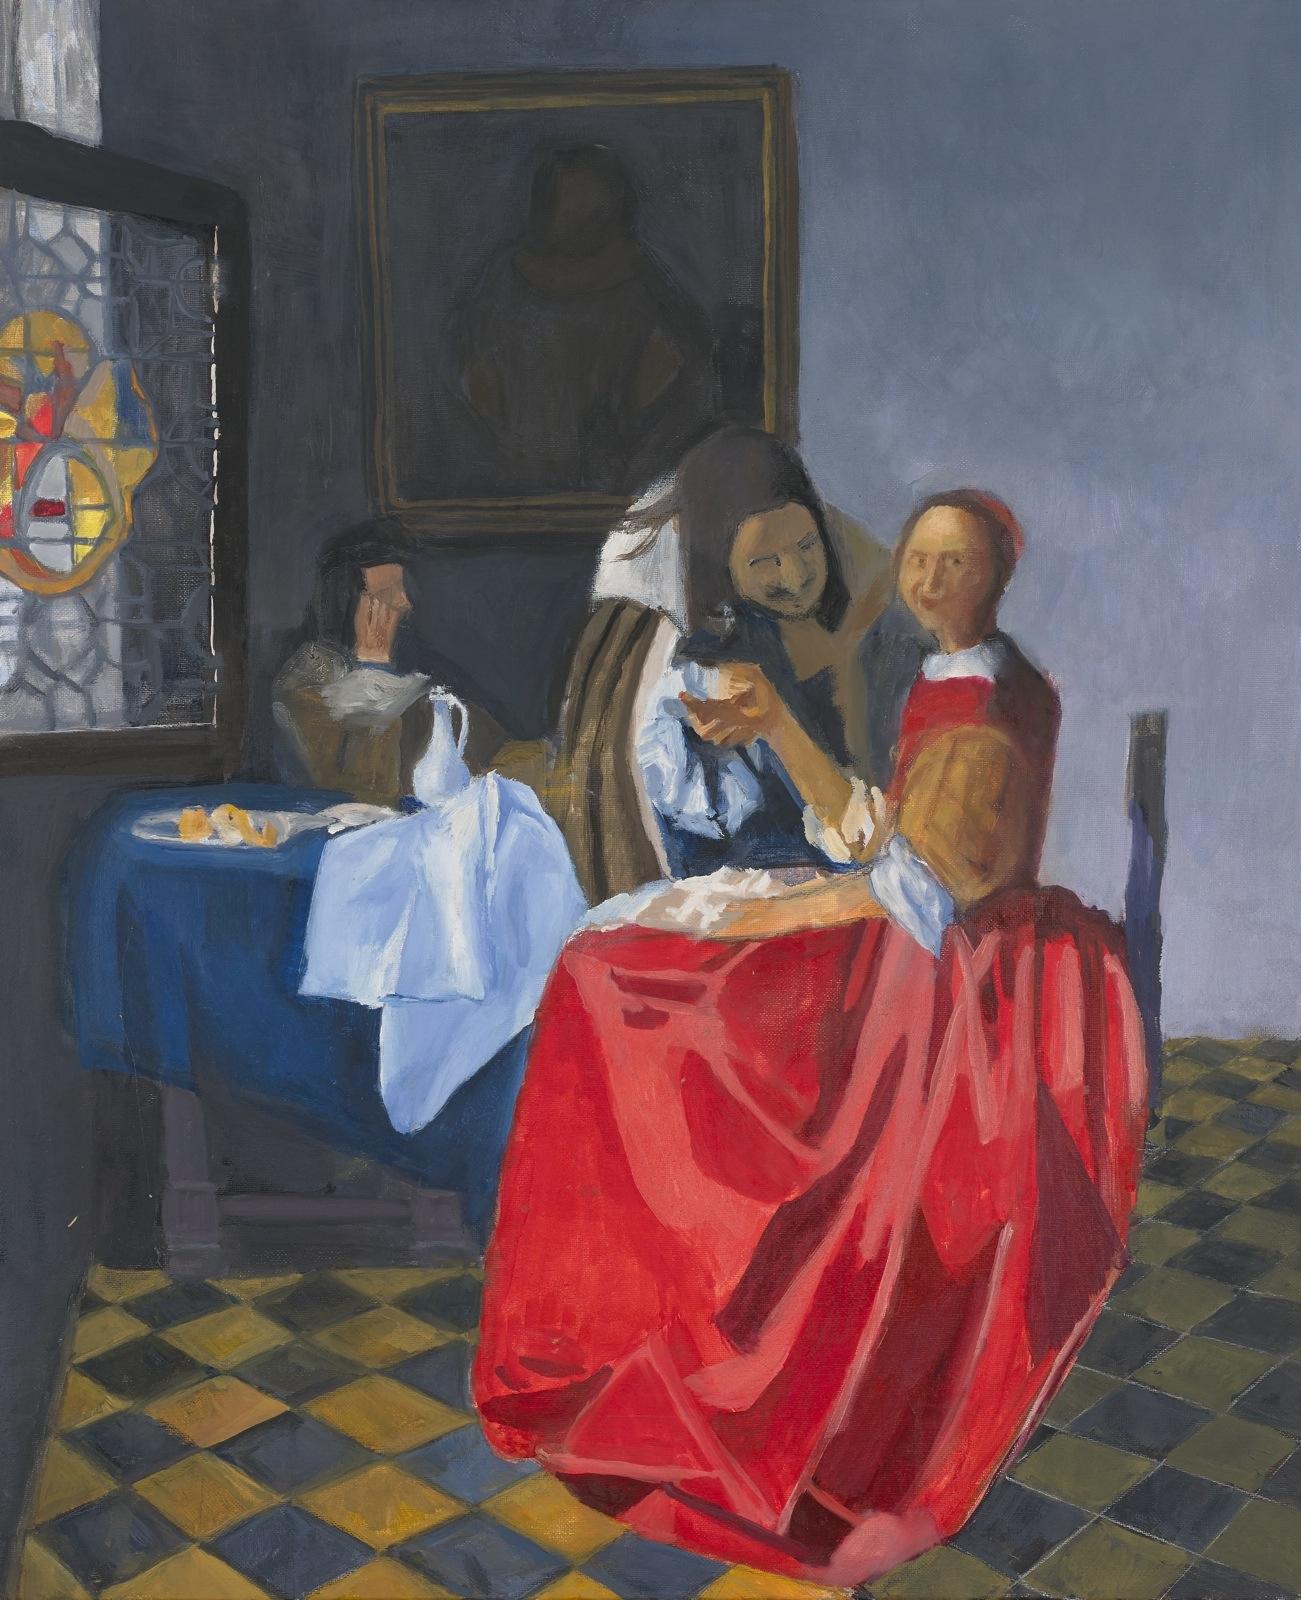 Tableau copie - Peinture à l'huile : Jeune fille au verre de vin de Vermeer